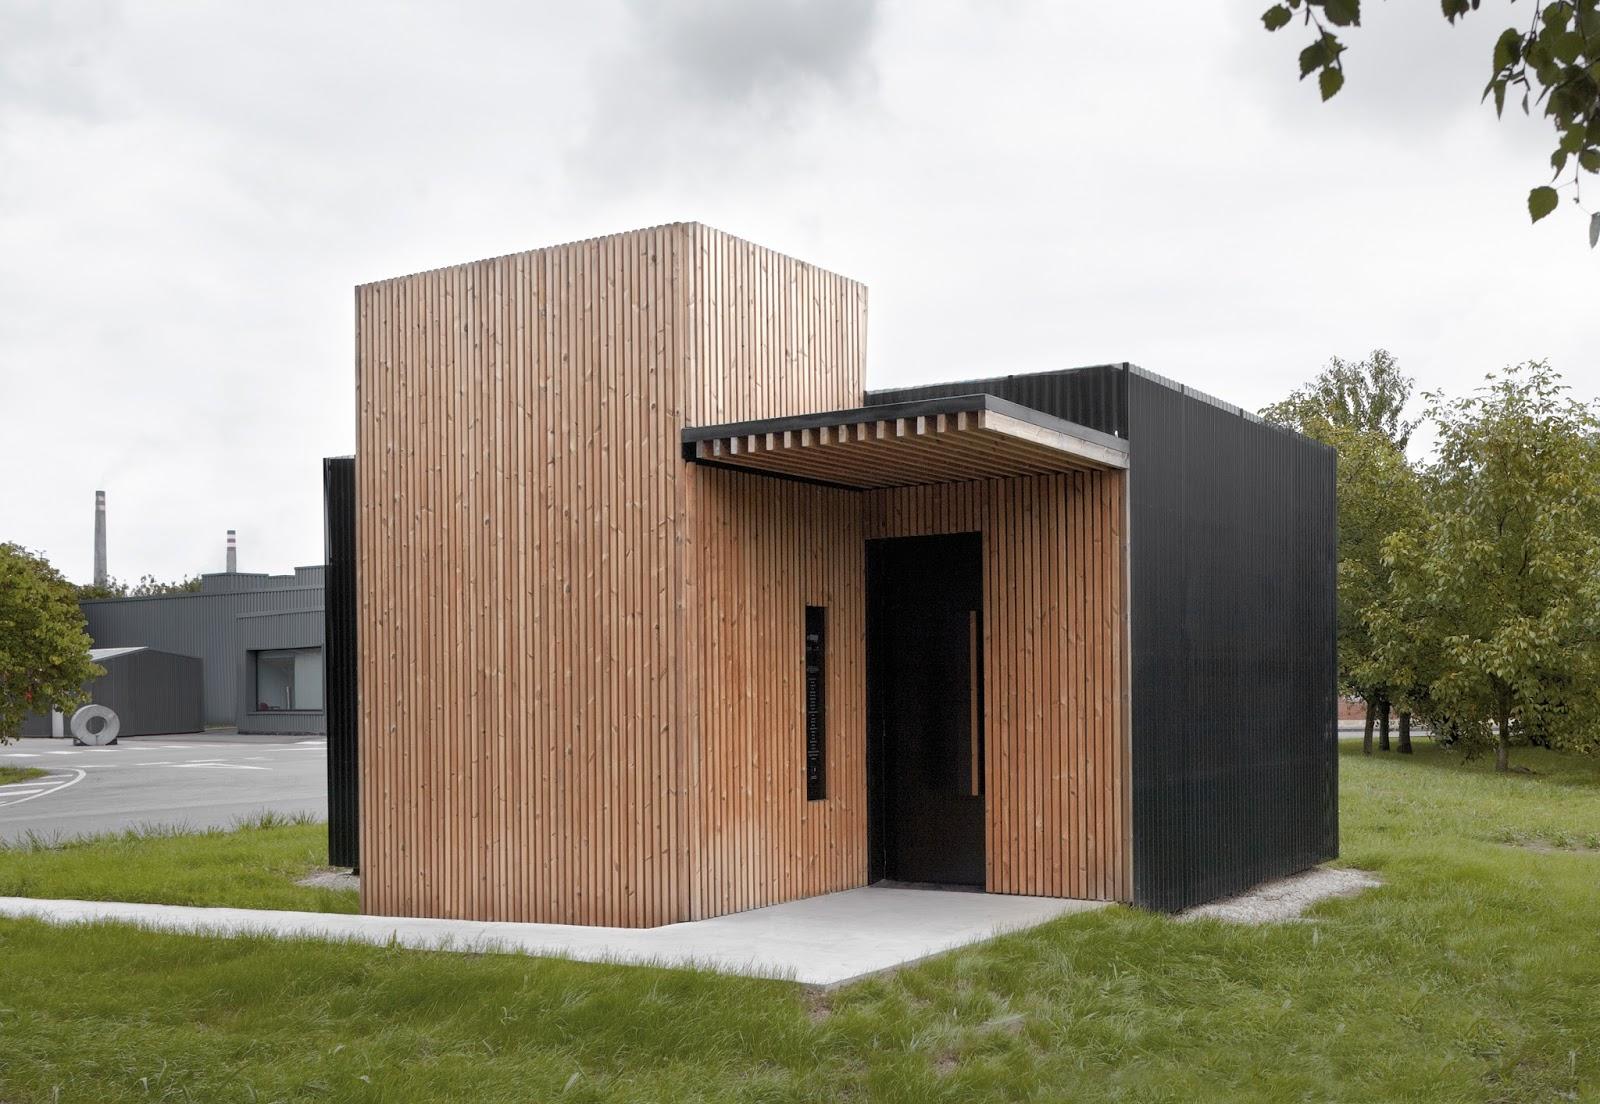 Marcel benedito el blog de dise o de interiores casas - Modulos de vivienda prefabricados ...